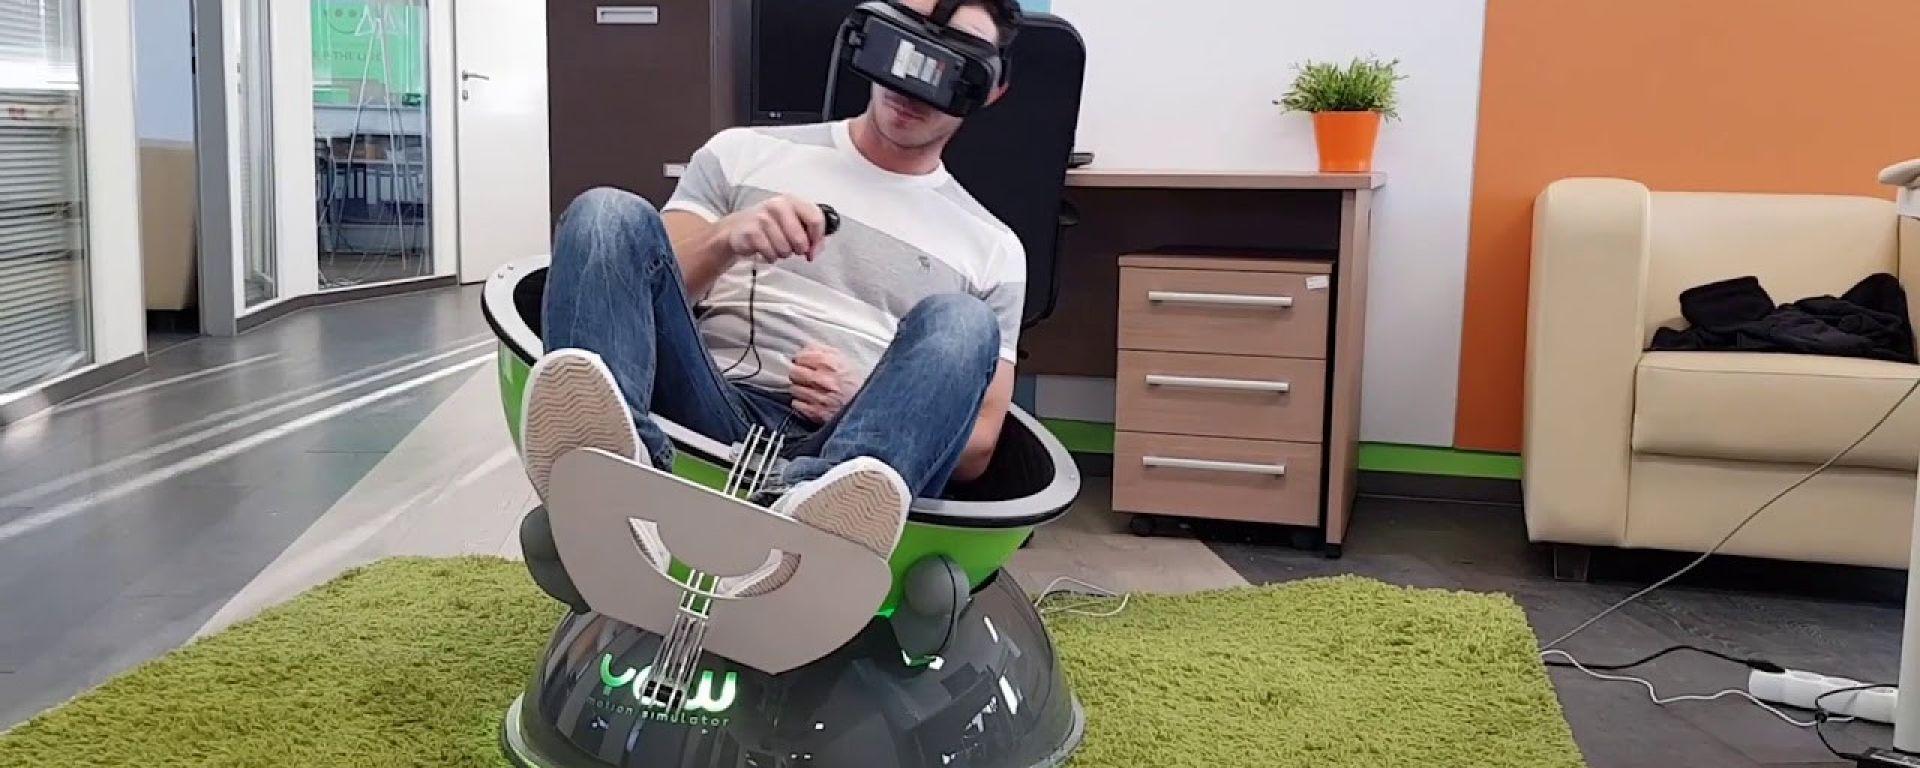 Yaw VR da Industrial Cybernetics: un nuovo motion simulator per racing game e simulatori di volo